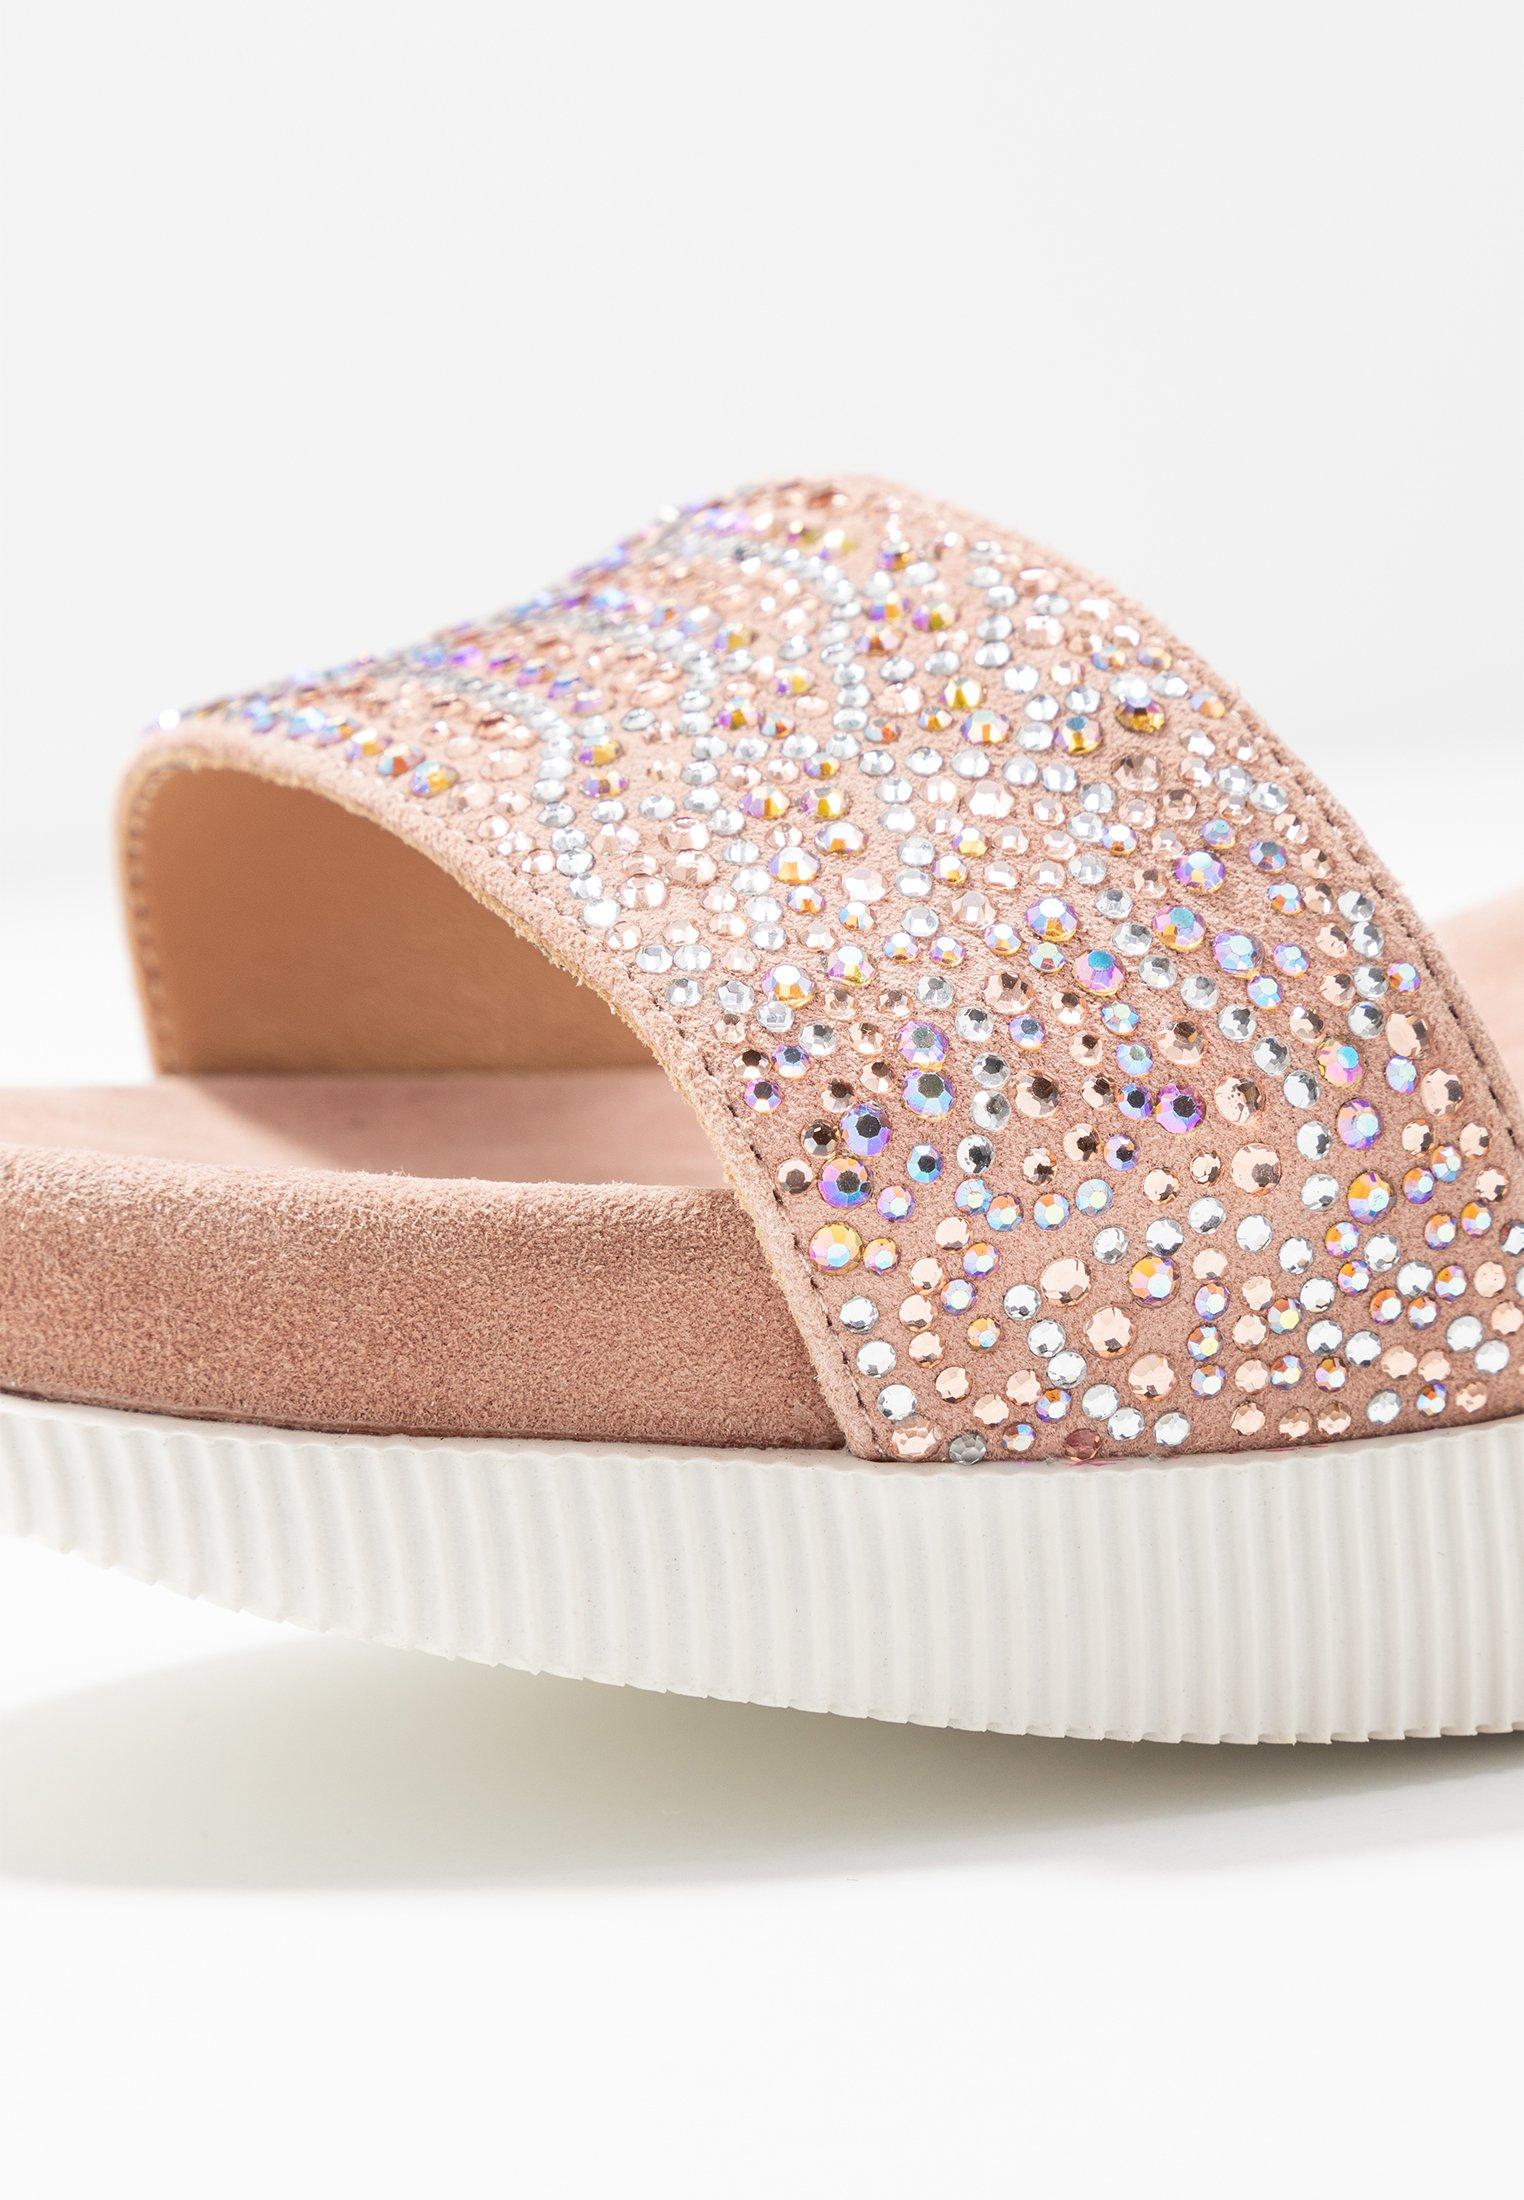 Alma en Pena Platform sandals - old pink